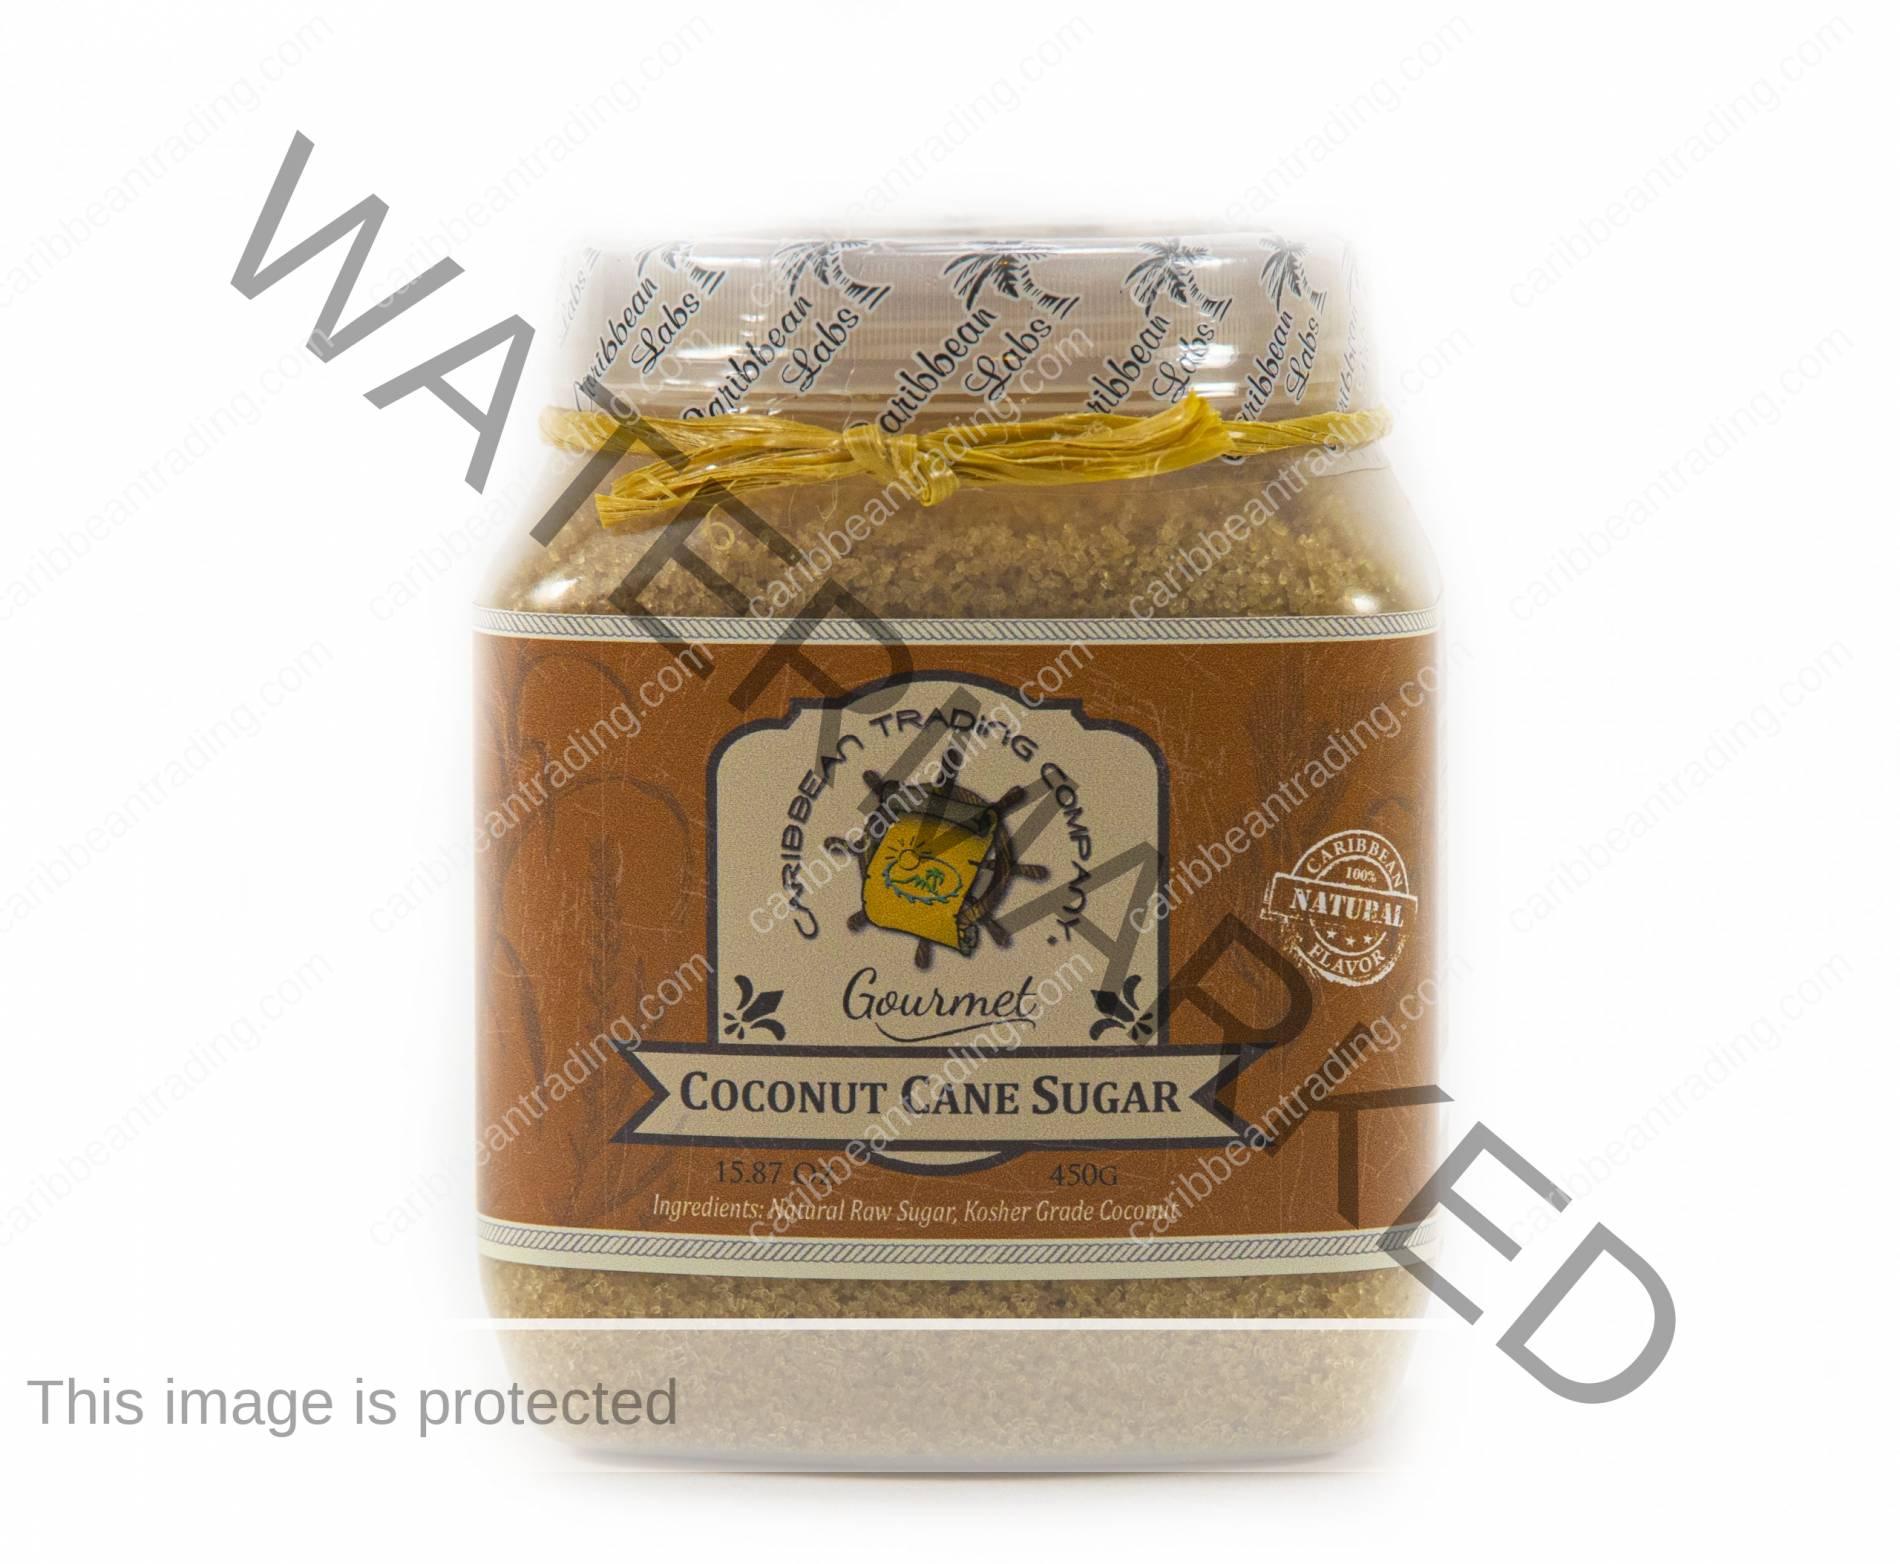 Coconut Cane Sugar - 15.87 oz.